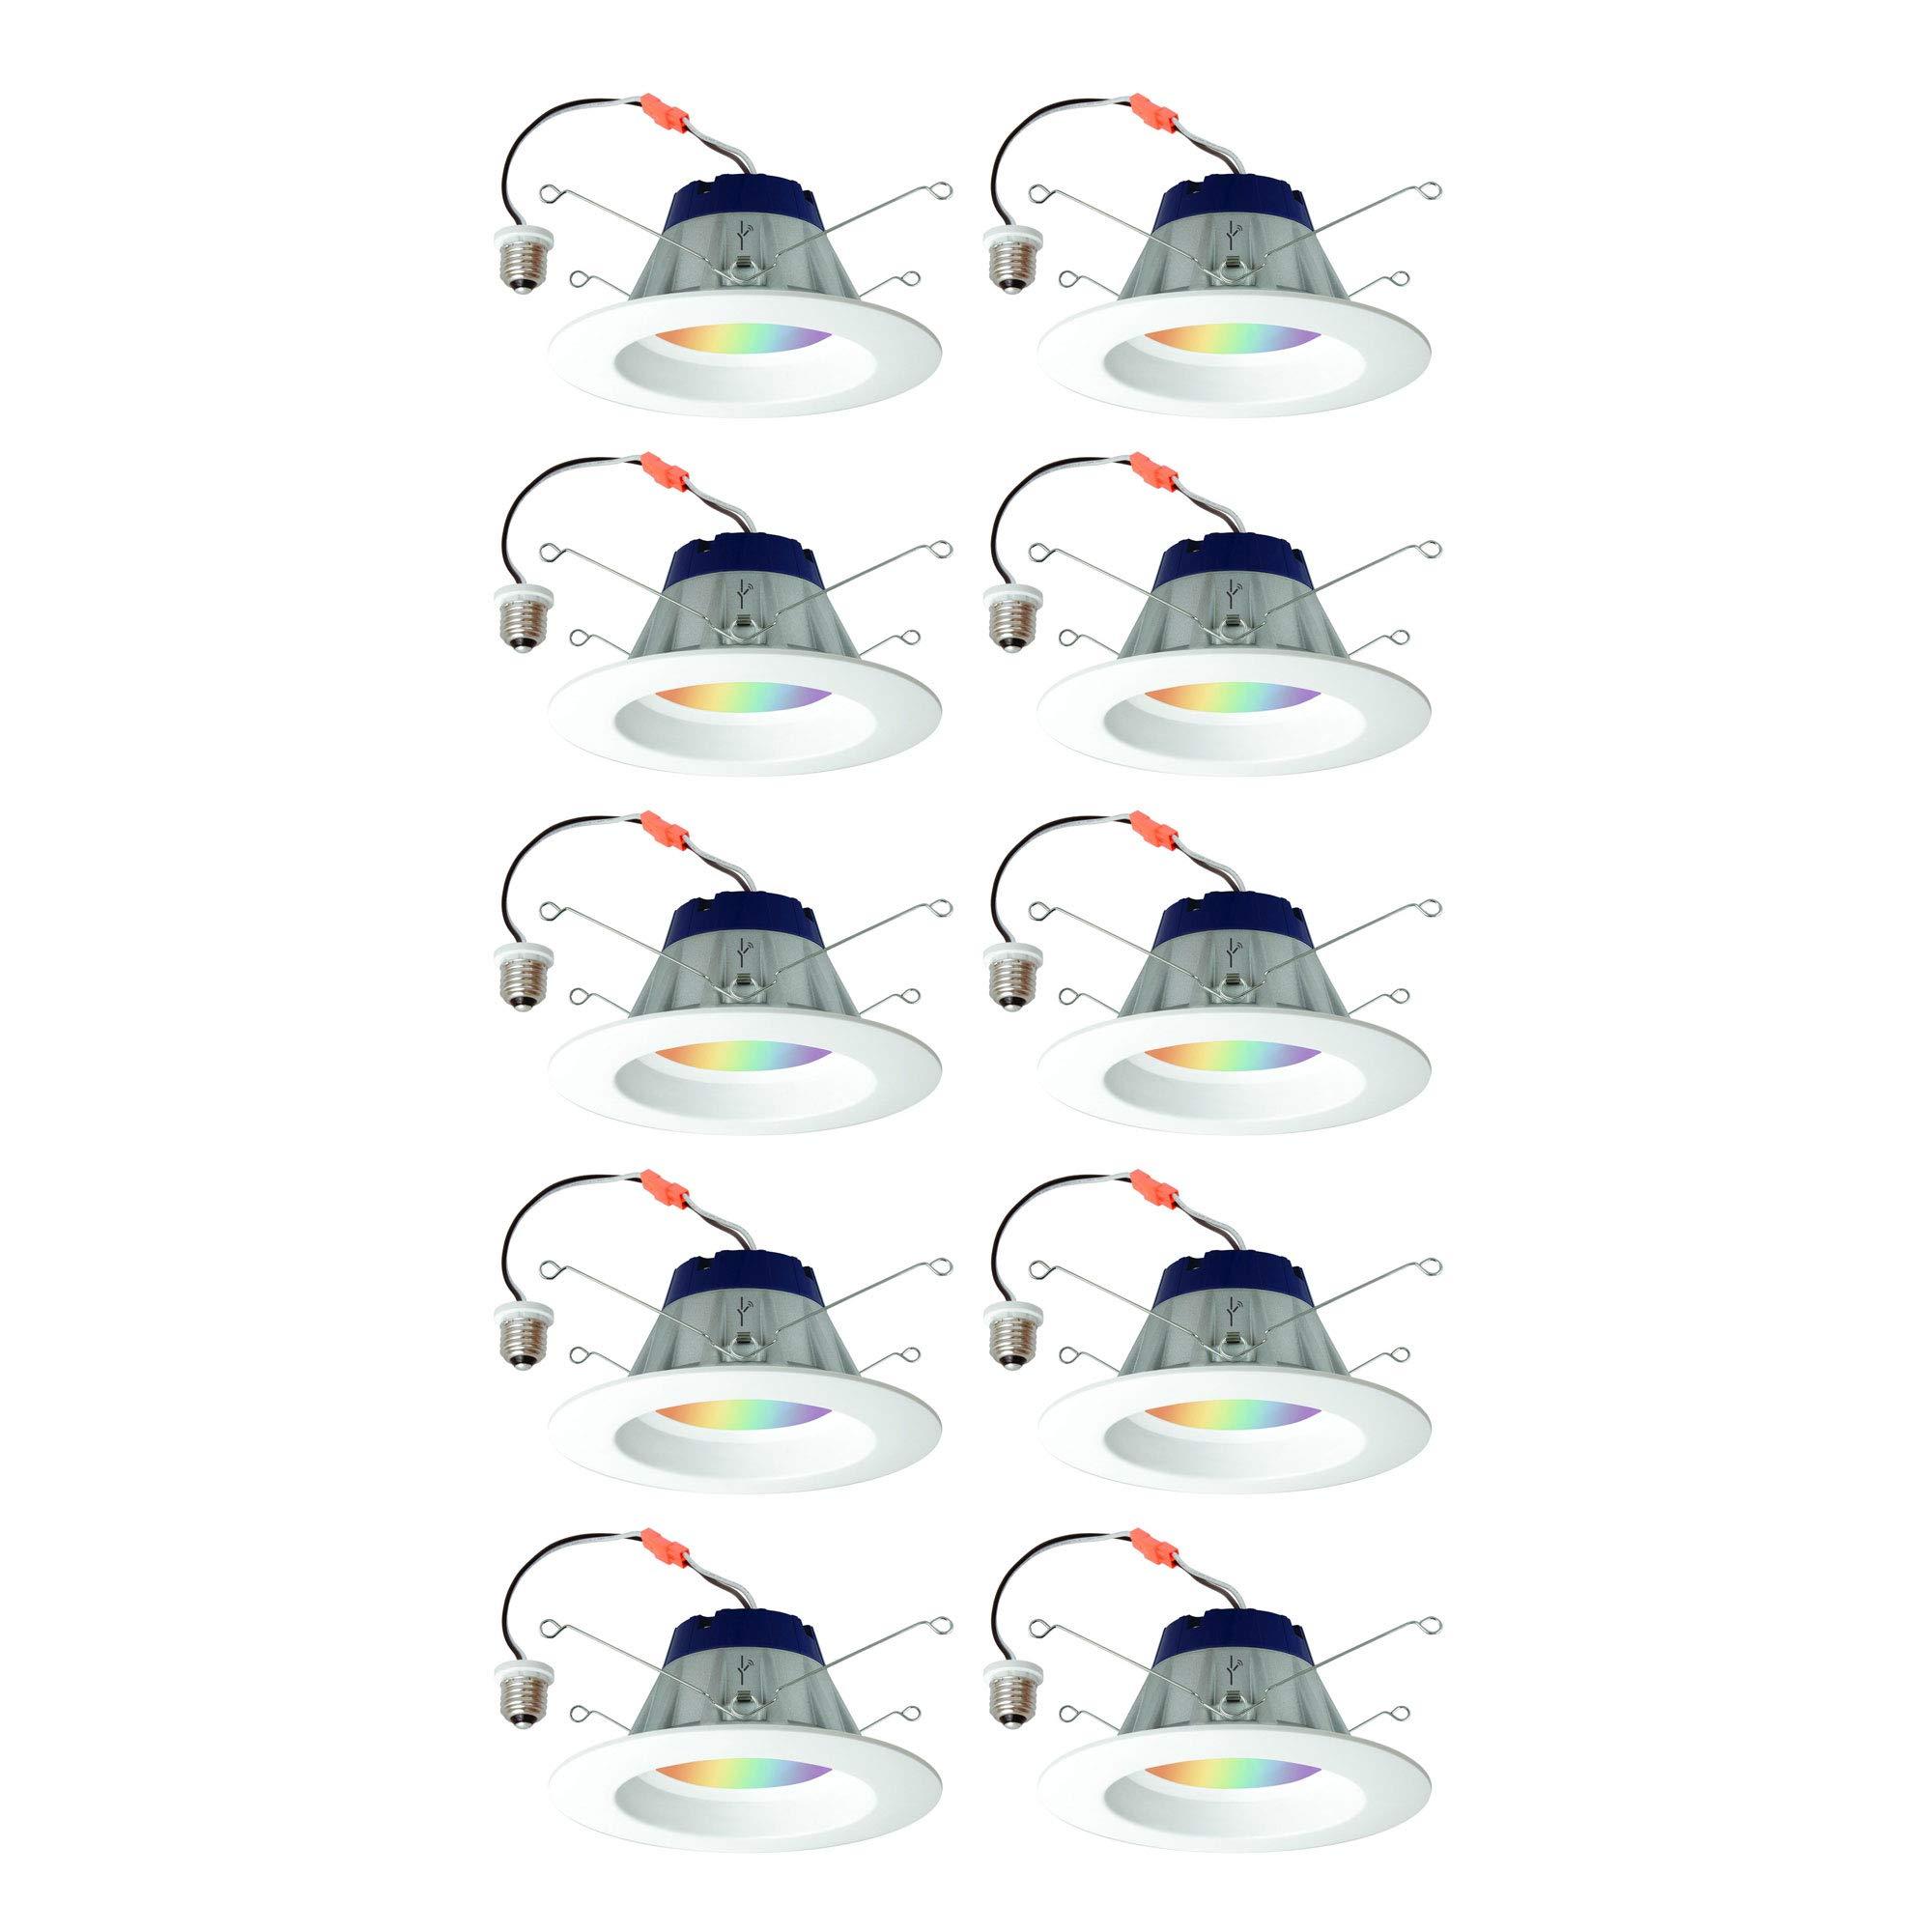 Sylvania Lightify 65W LED Smart Home 2700-6500K Color/White Light Bulb (2 Pack) (5 Pack)